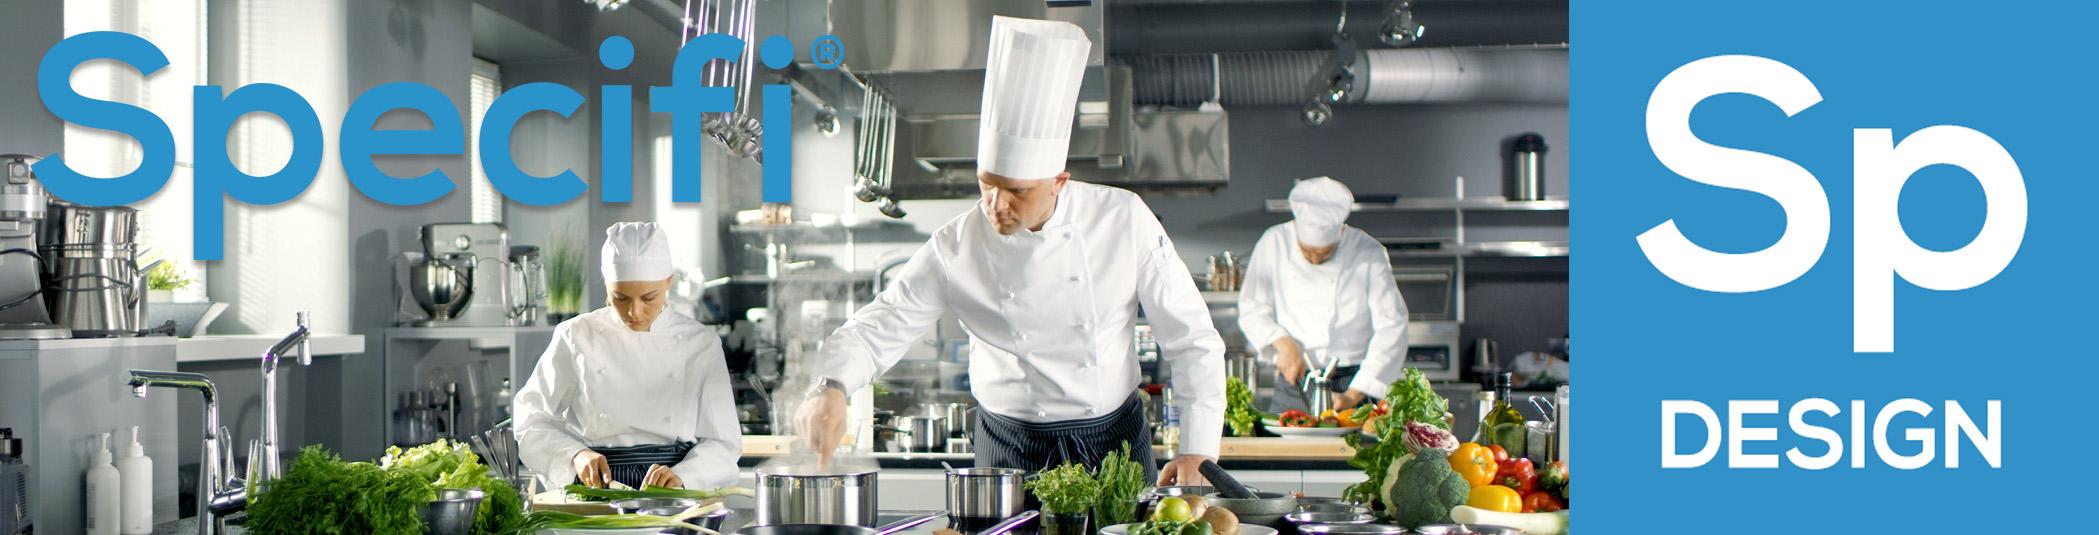 Specifi Chefs Header - Design